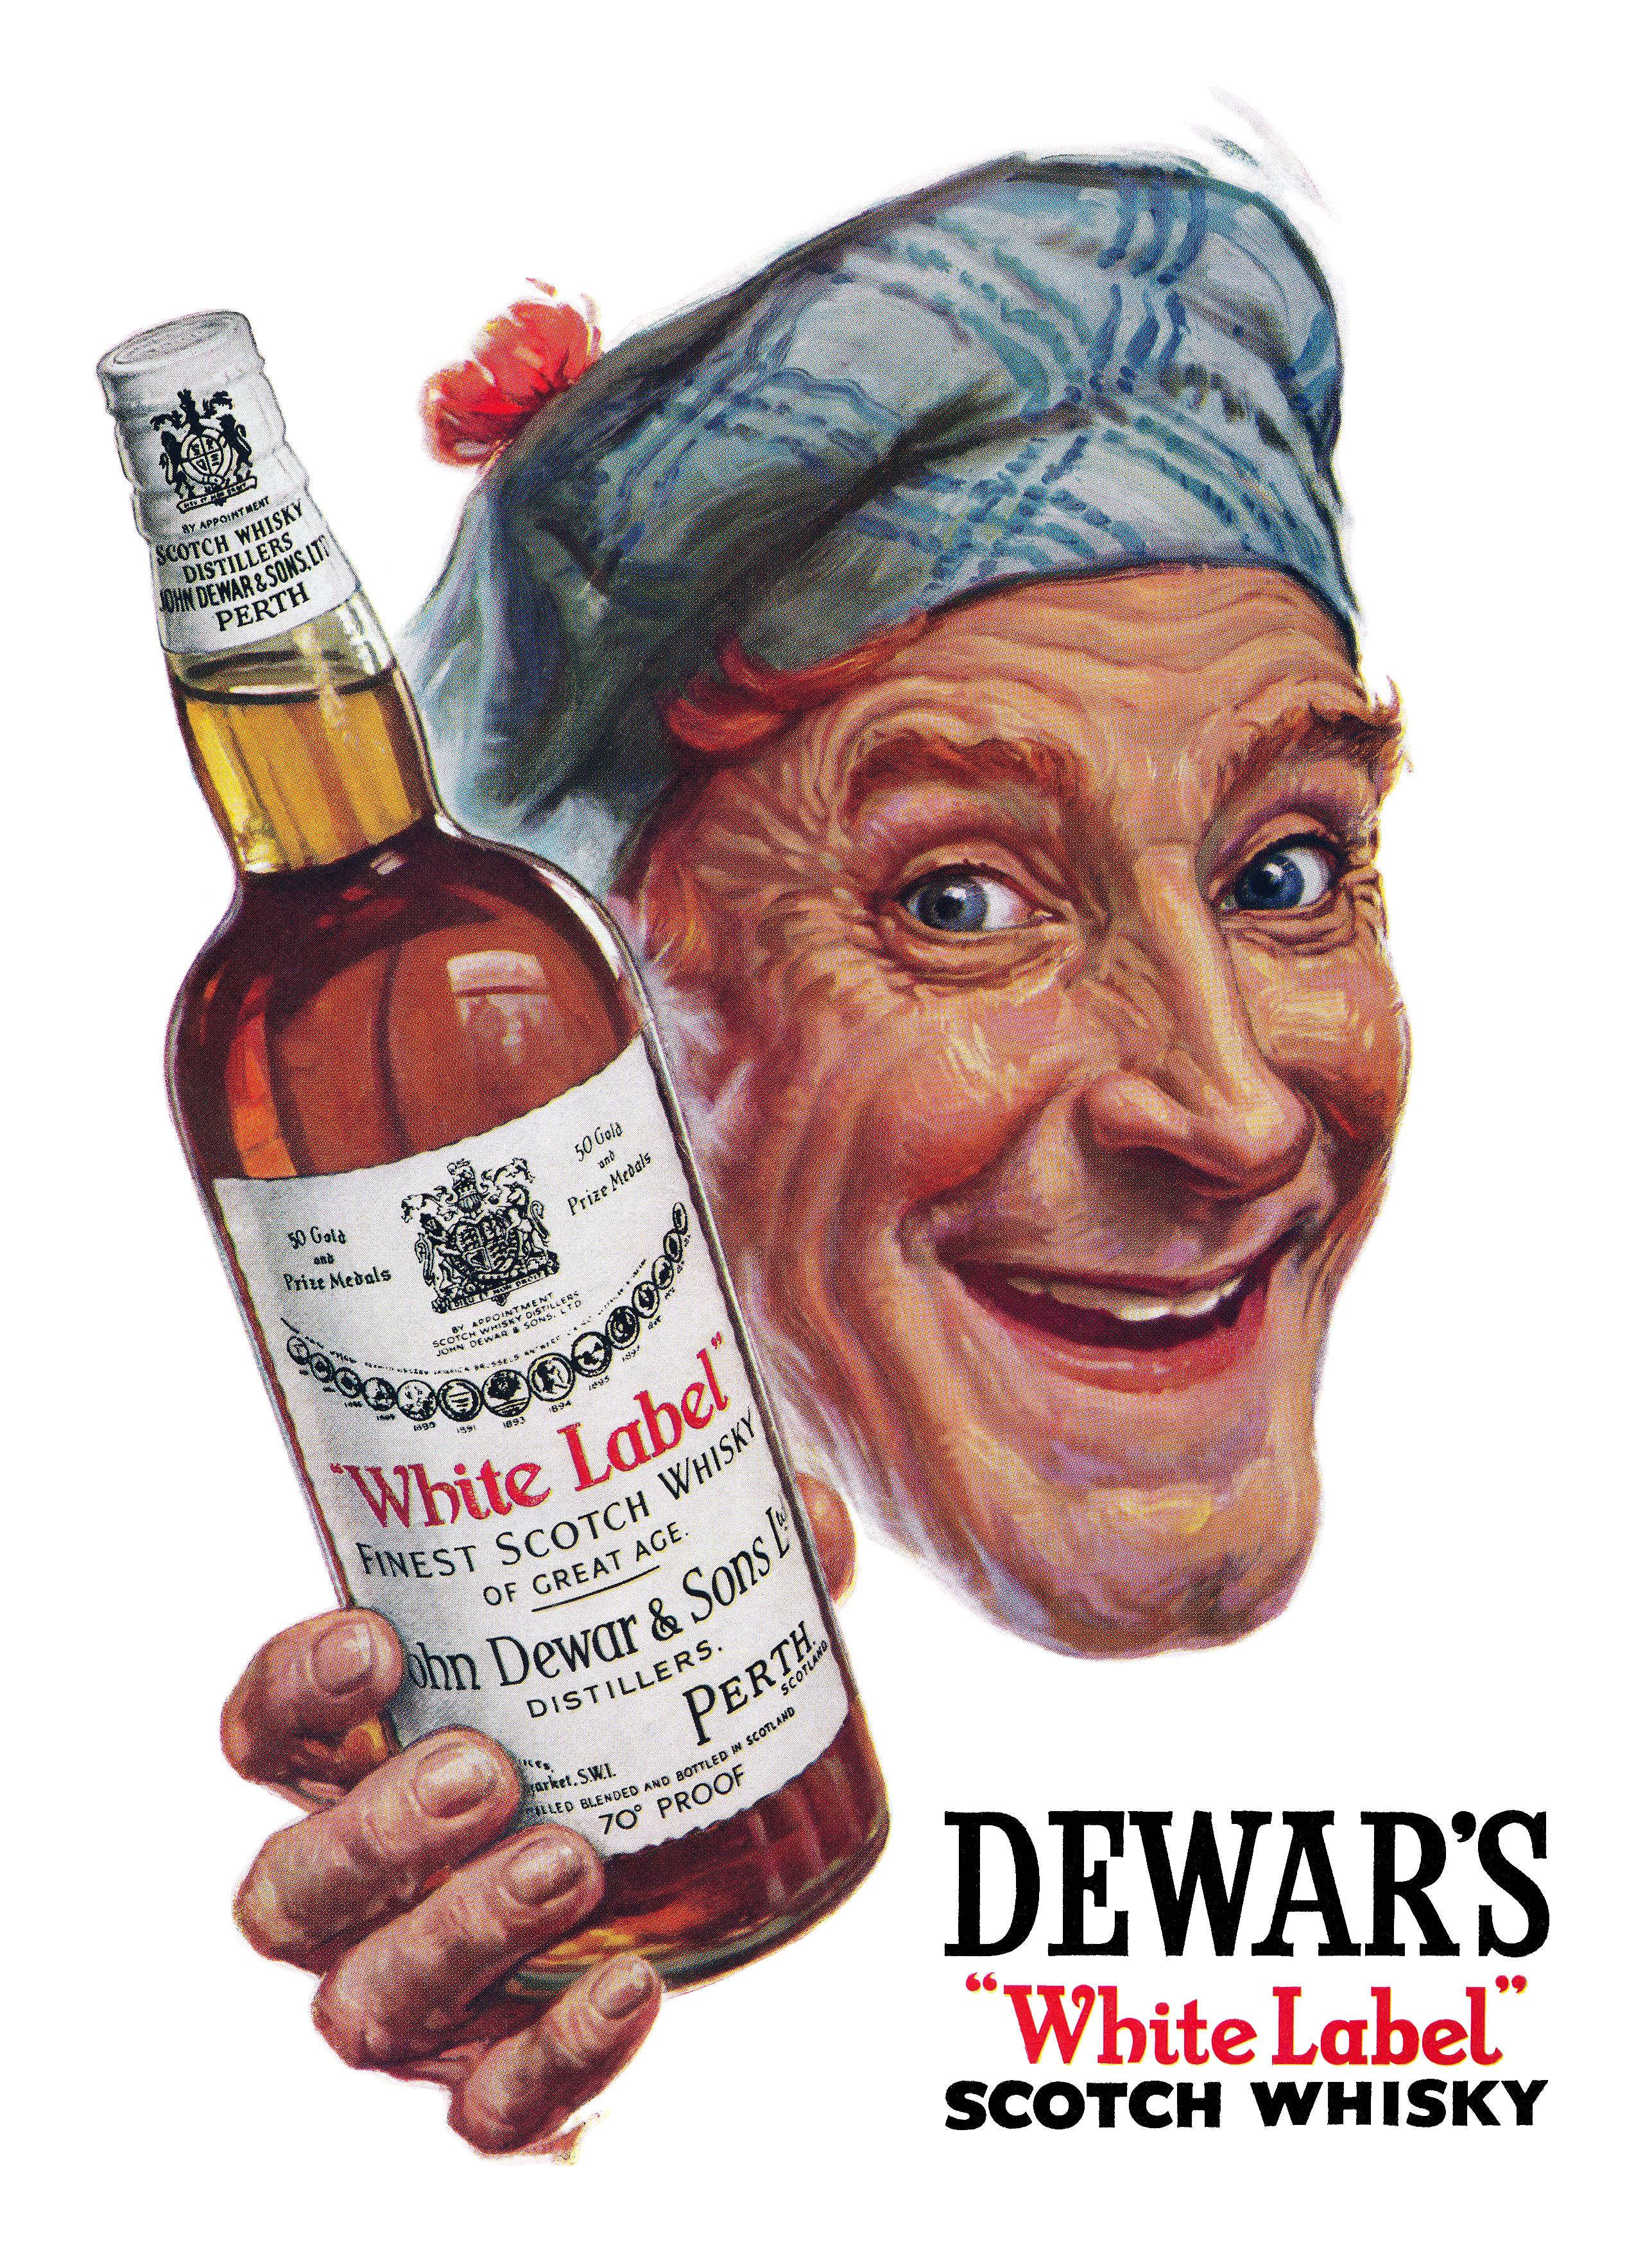 Dewar's 'White Label' Scotch Whisky - 1951